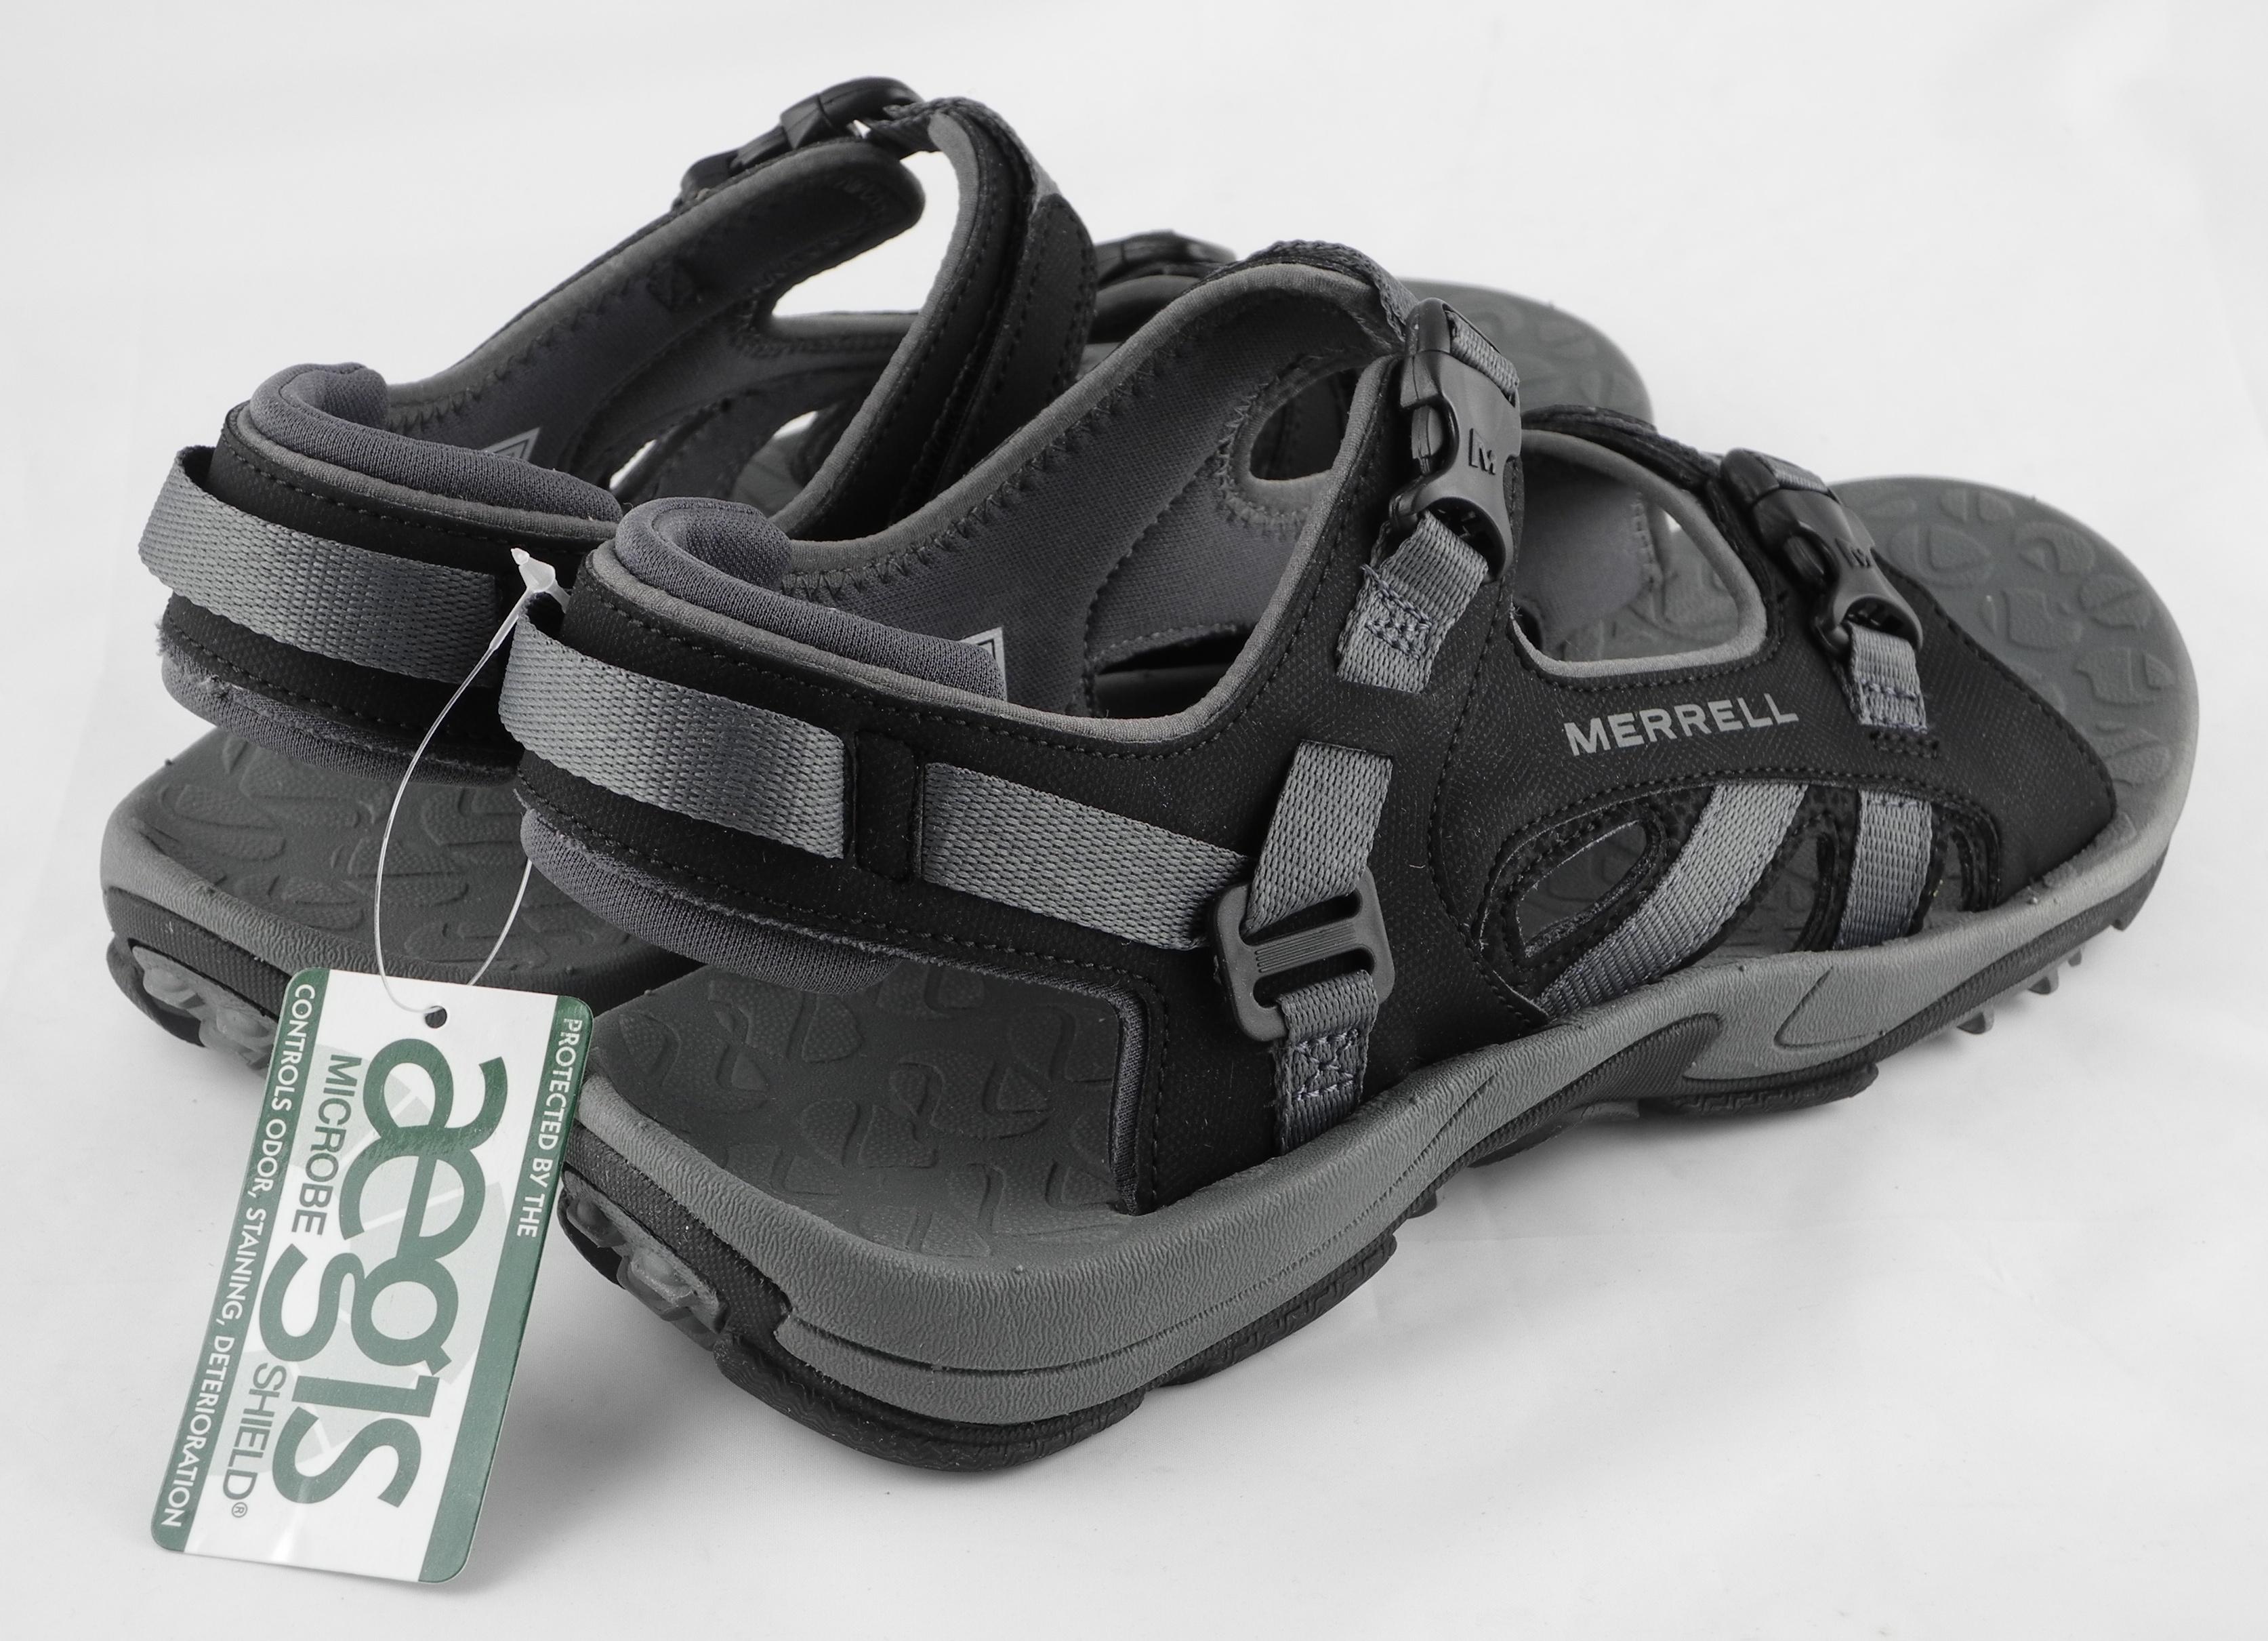 Black merrell sandals - Thumbnail 1 Thumbnail 2 Thumbnail 3 Thumbnail 4